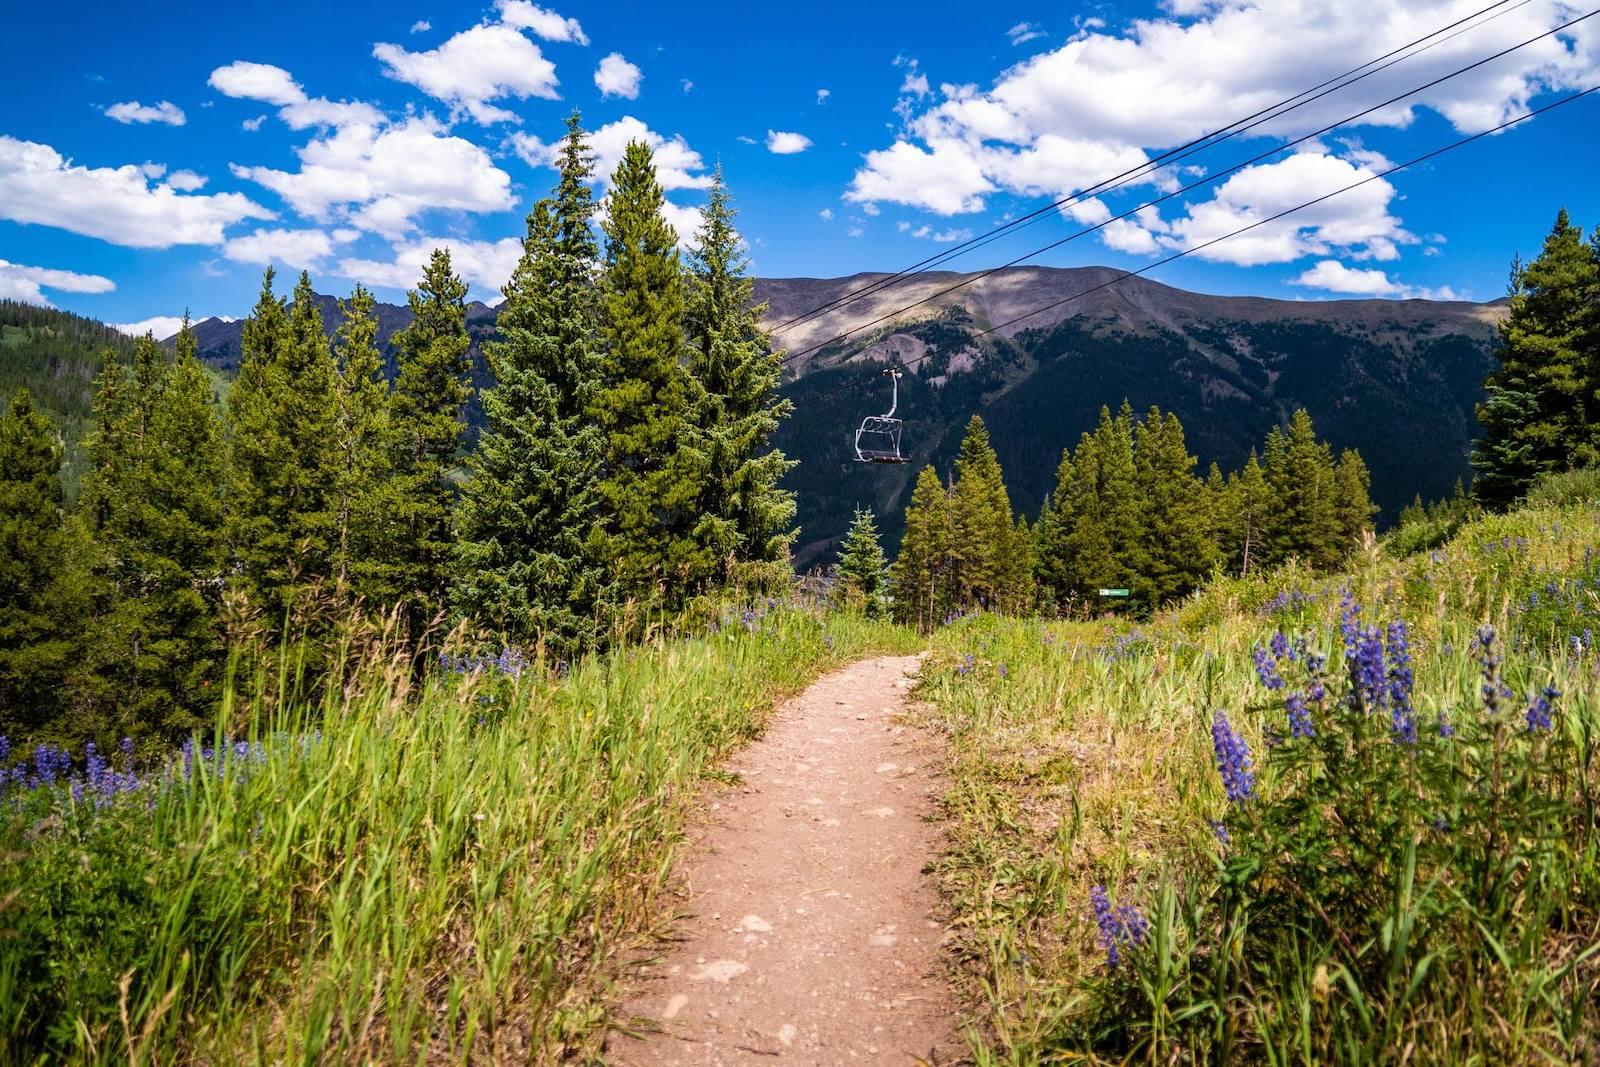 Gambar jalan melalui ladang di Copper Mountain, Colorado